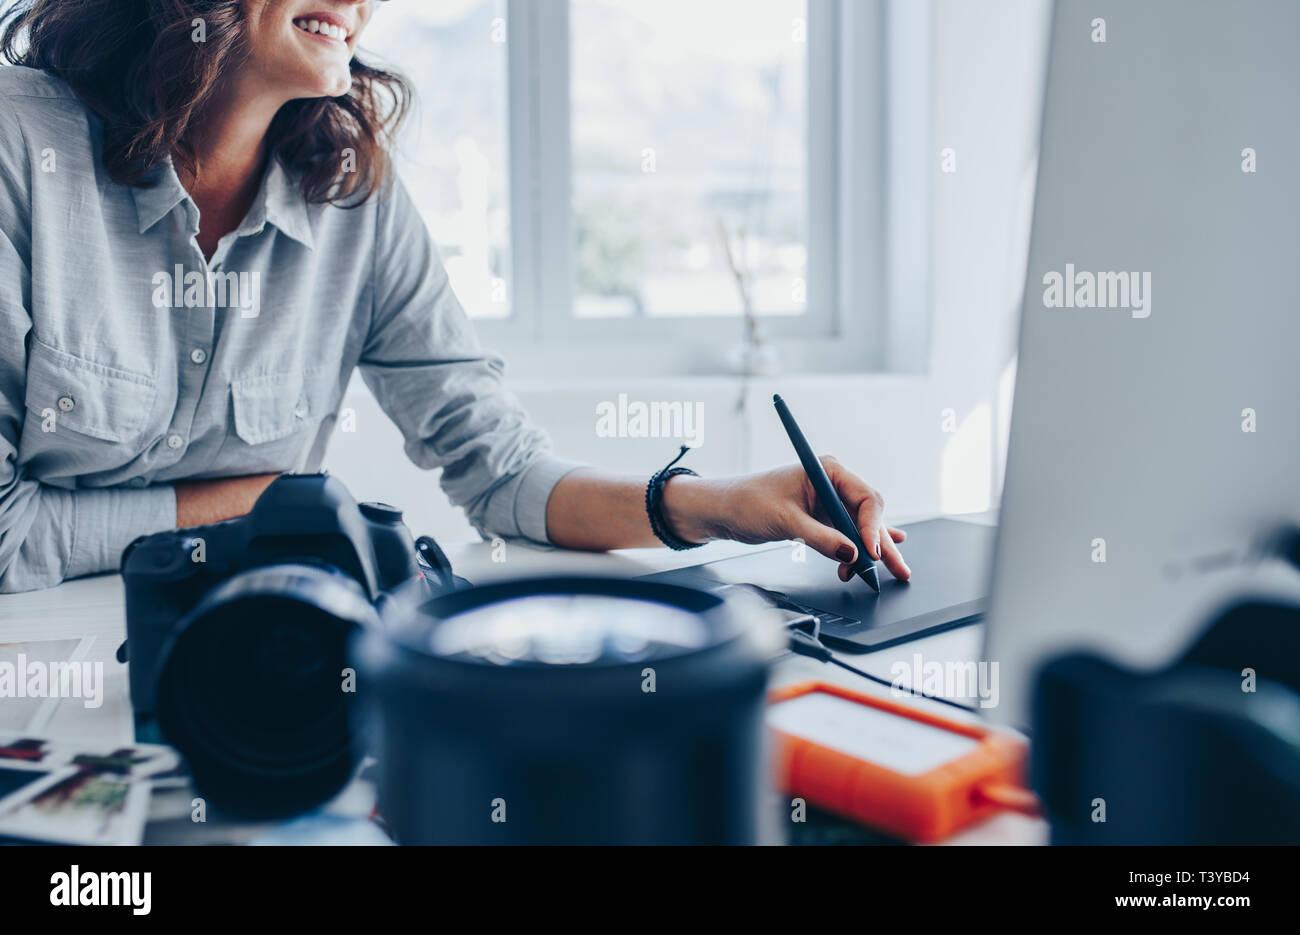 Fotógrafo de mujeres trabajando en equipo utilizando el Bloc de dibujo en su escritorio. Mujer joven con tableta gráfica y dibujo a lápiz de retoque de imágenes. Foto de stock